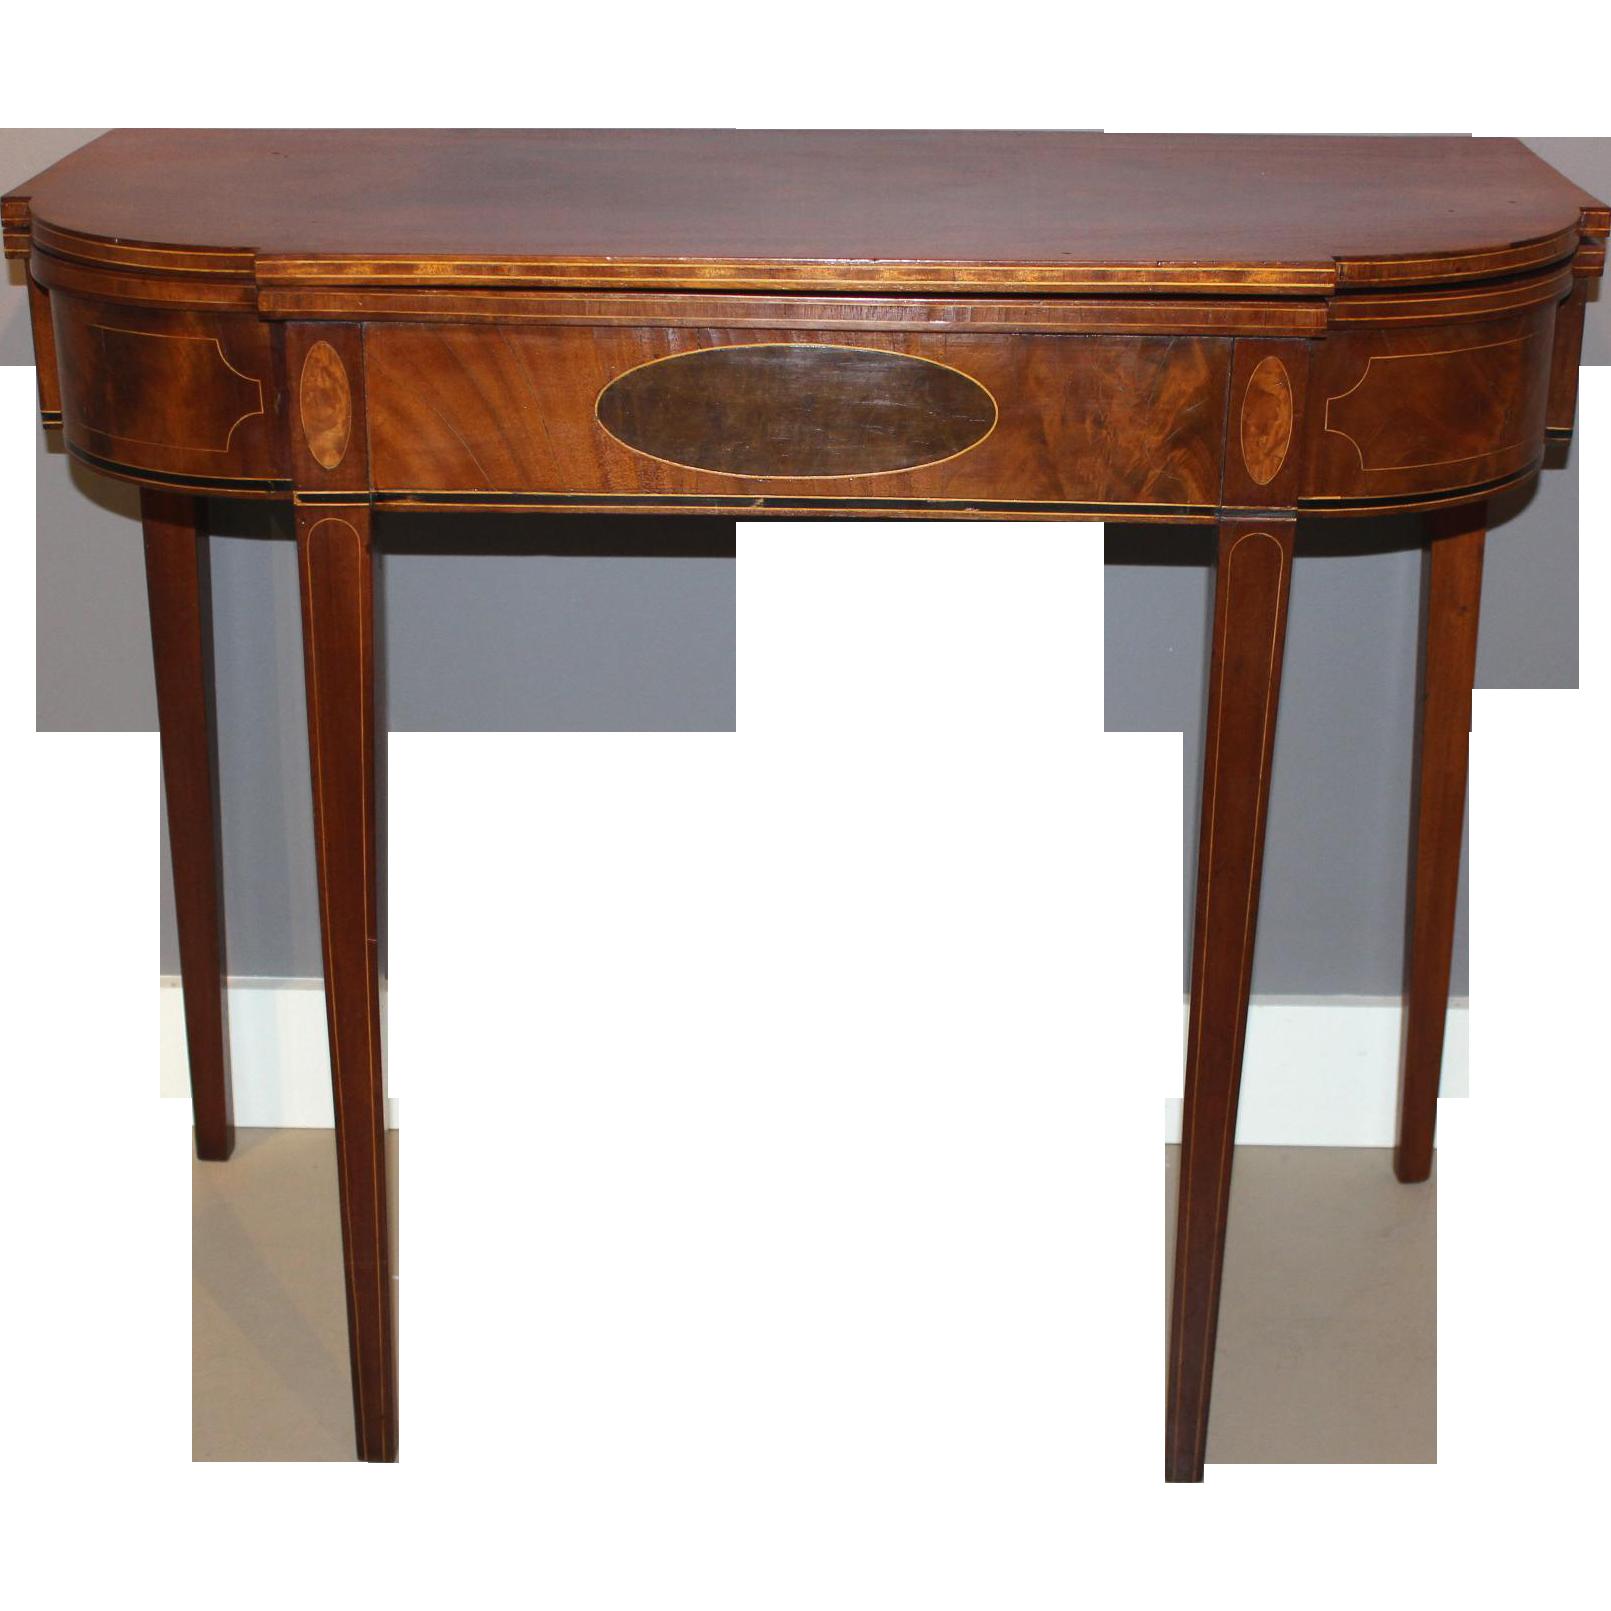 Hepplewhite Mahogany Card or Gaming Table with Inlay circa 1790-1820